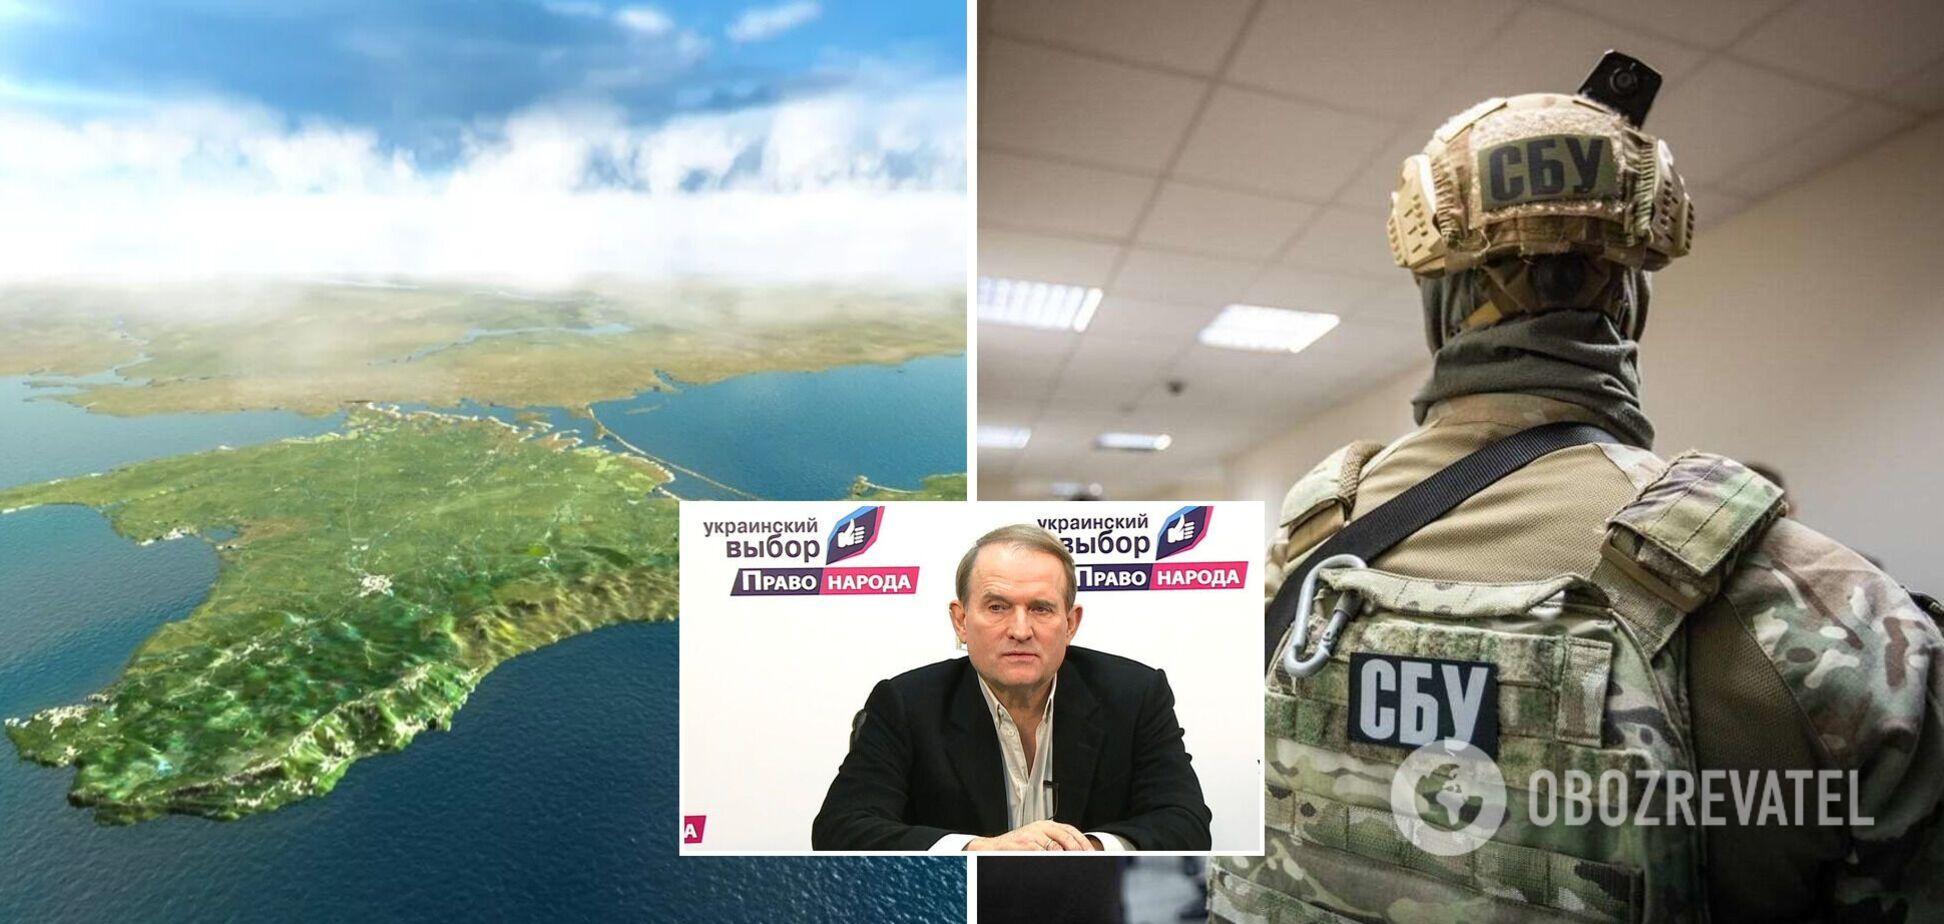 'Українському вибору' Медведчука оголосили підозри за сприяння в окупації Криму